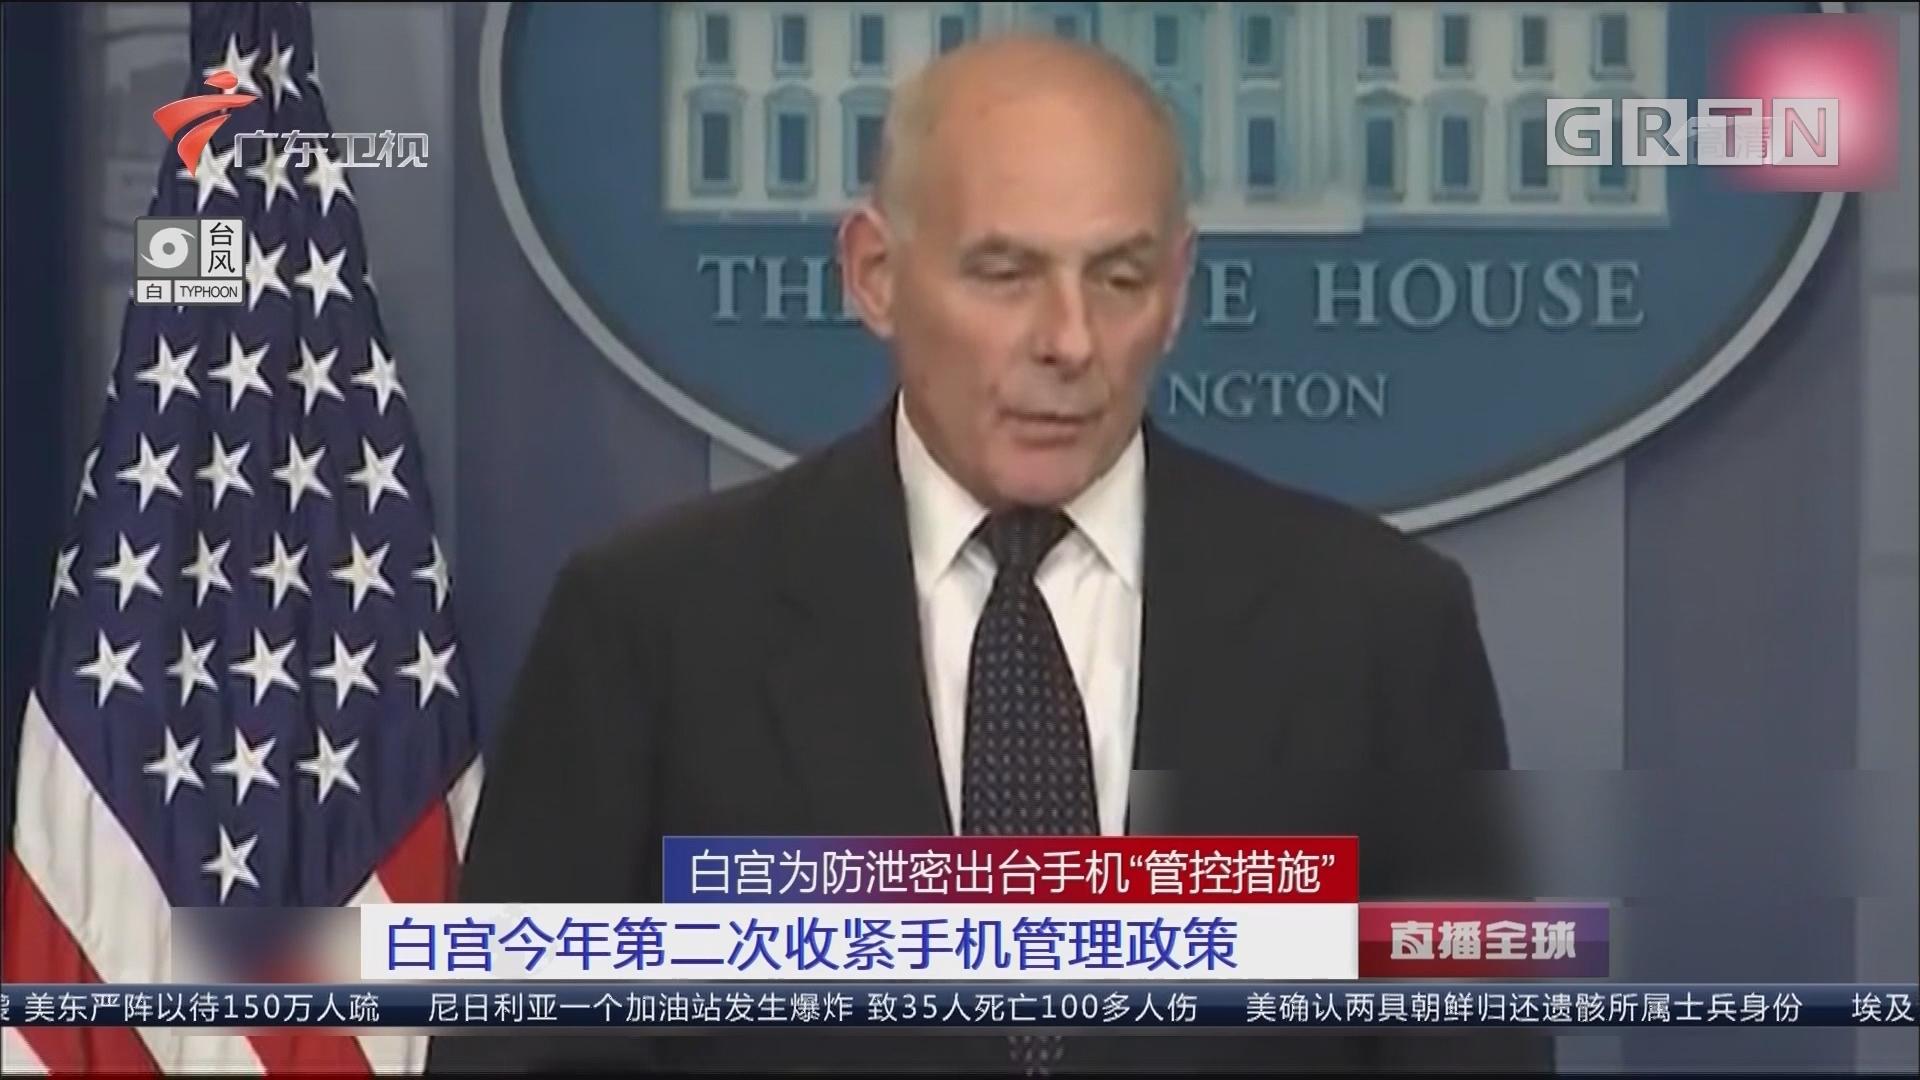 """白宫为防泄密出台手机""""管控措施"""" 白宫今年第二次收紧手机管理政策"""